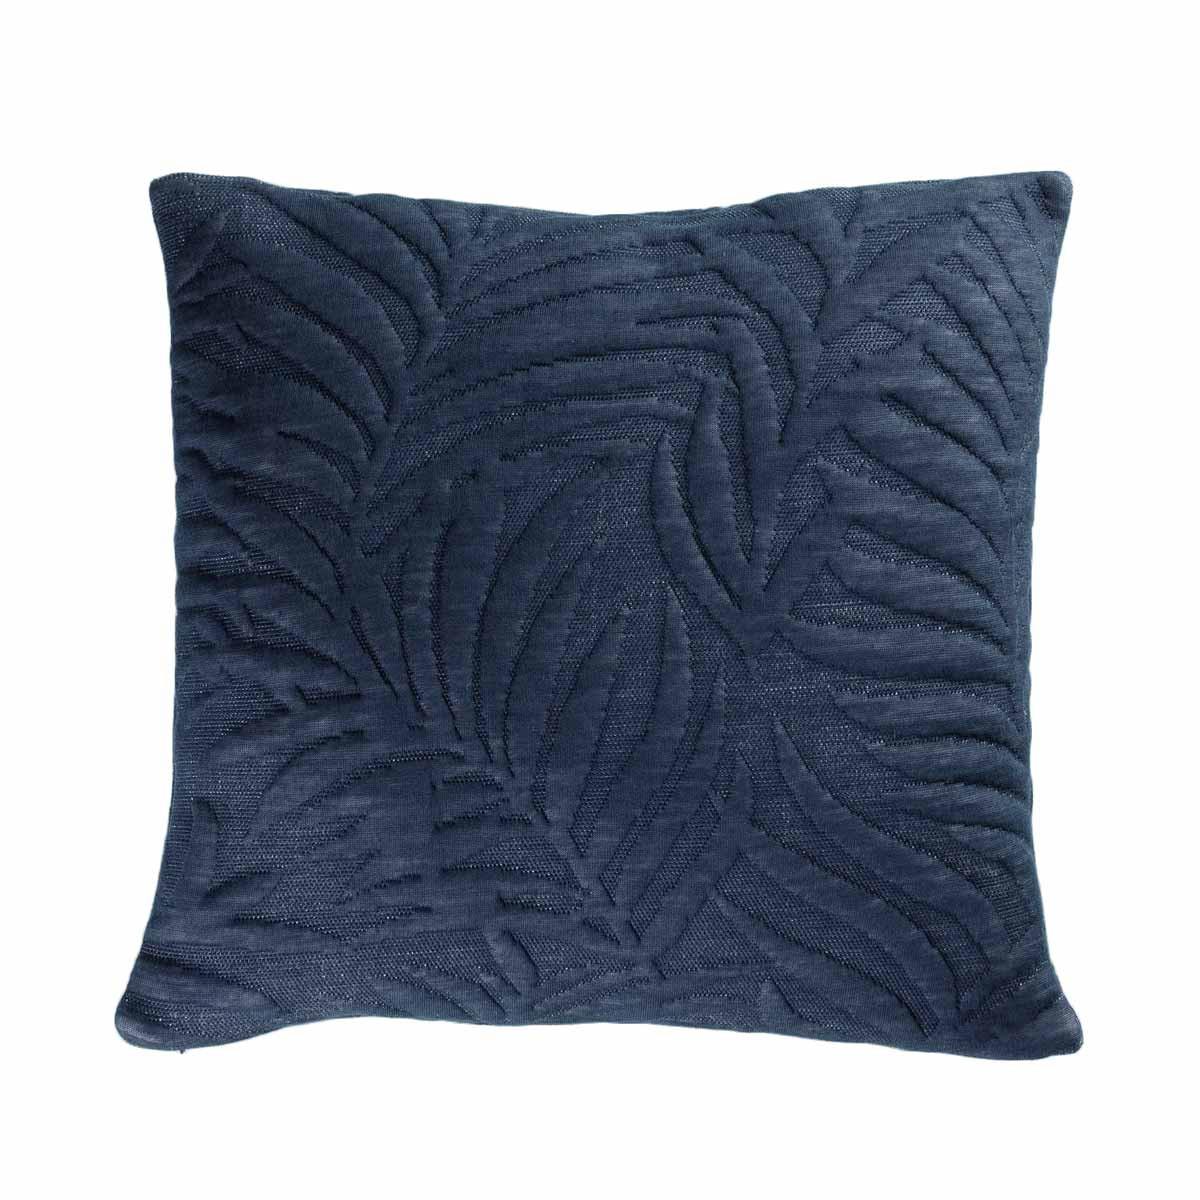 Διακοσμητική Μαξιλαροθήκη Hexochic Bleu 1607620